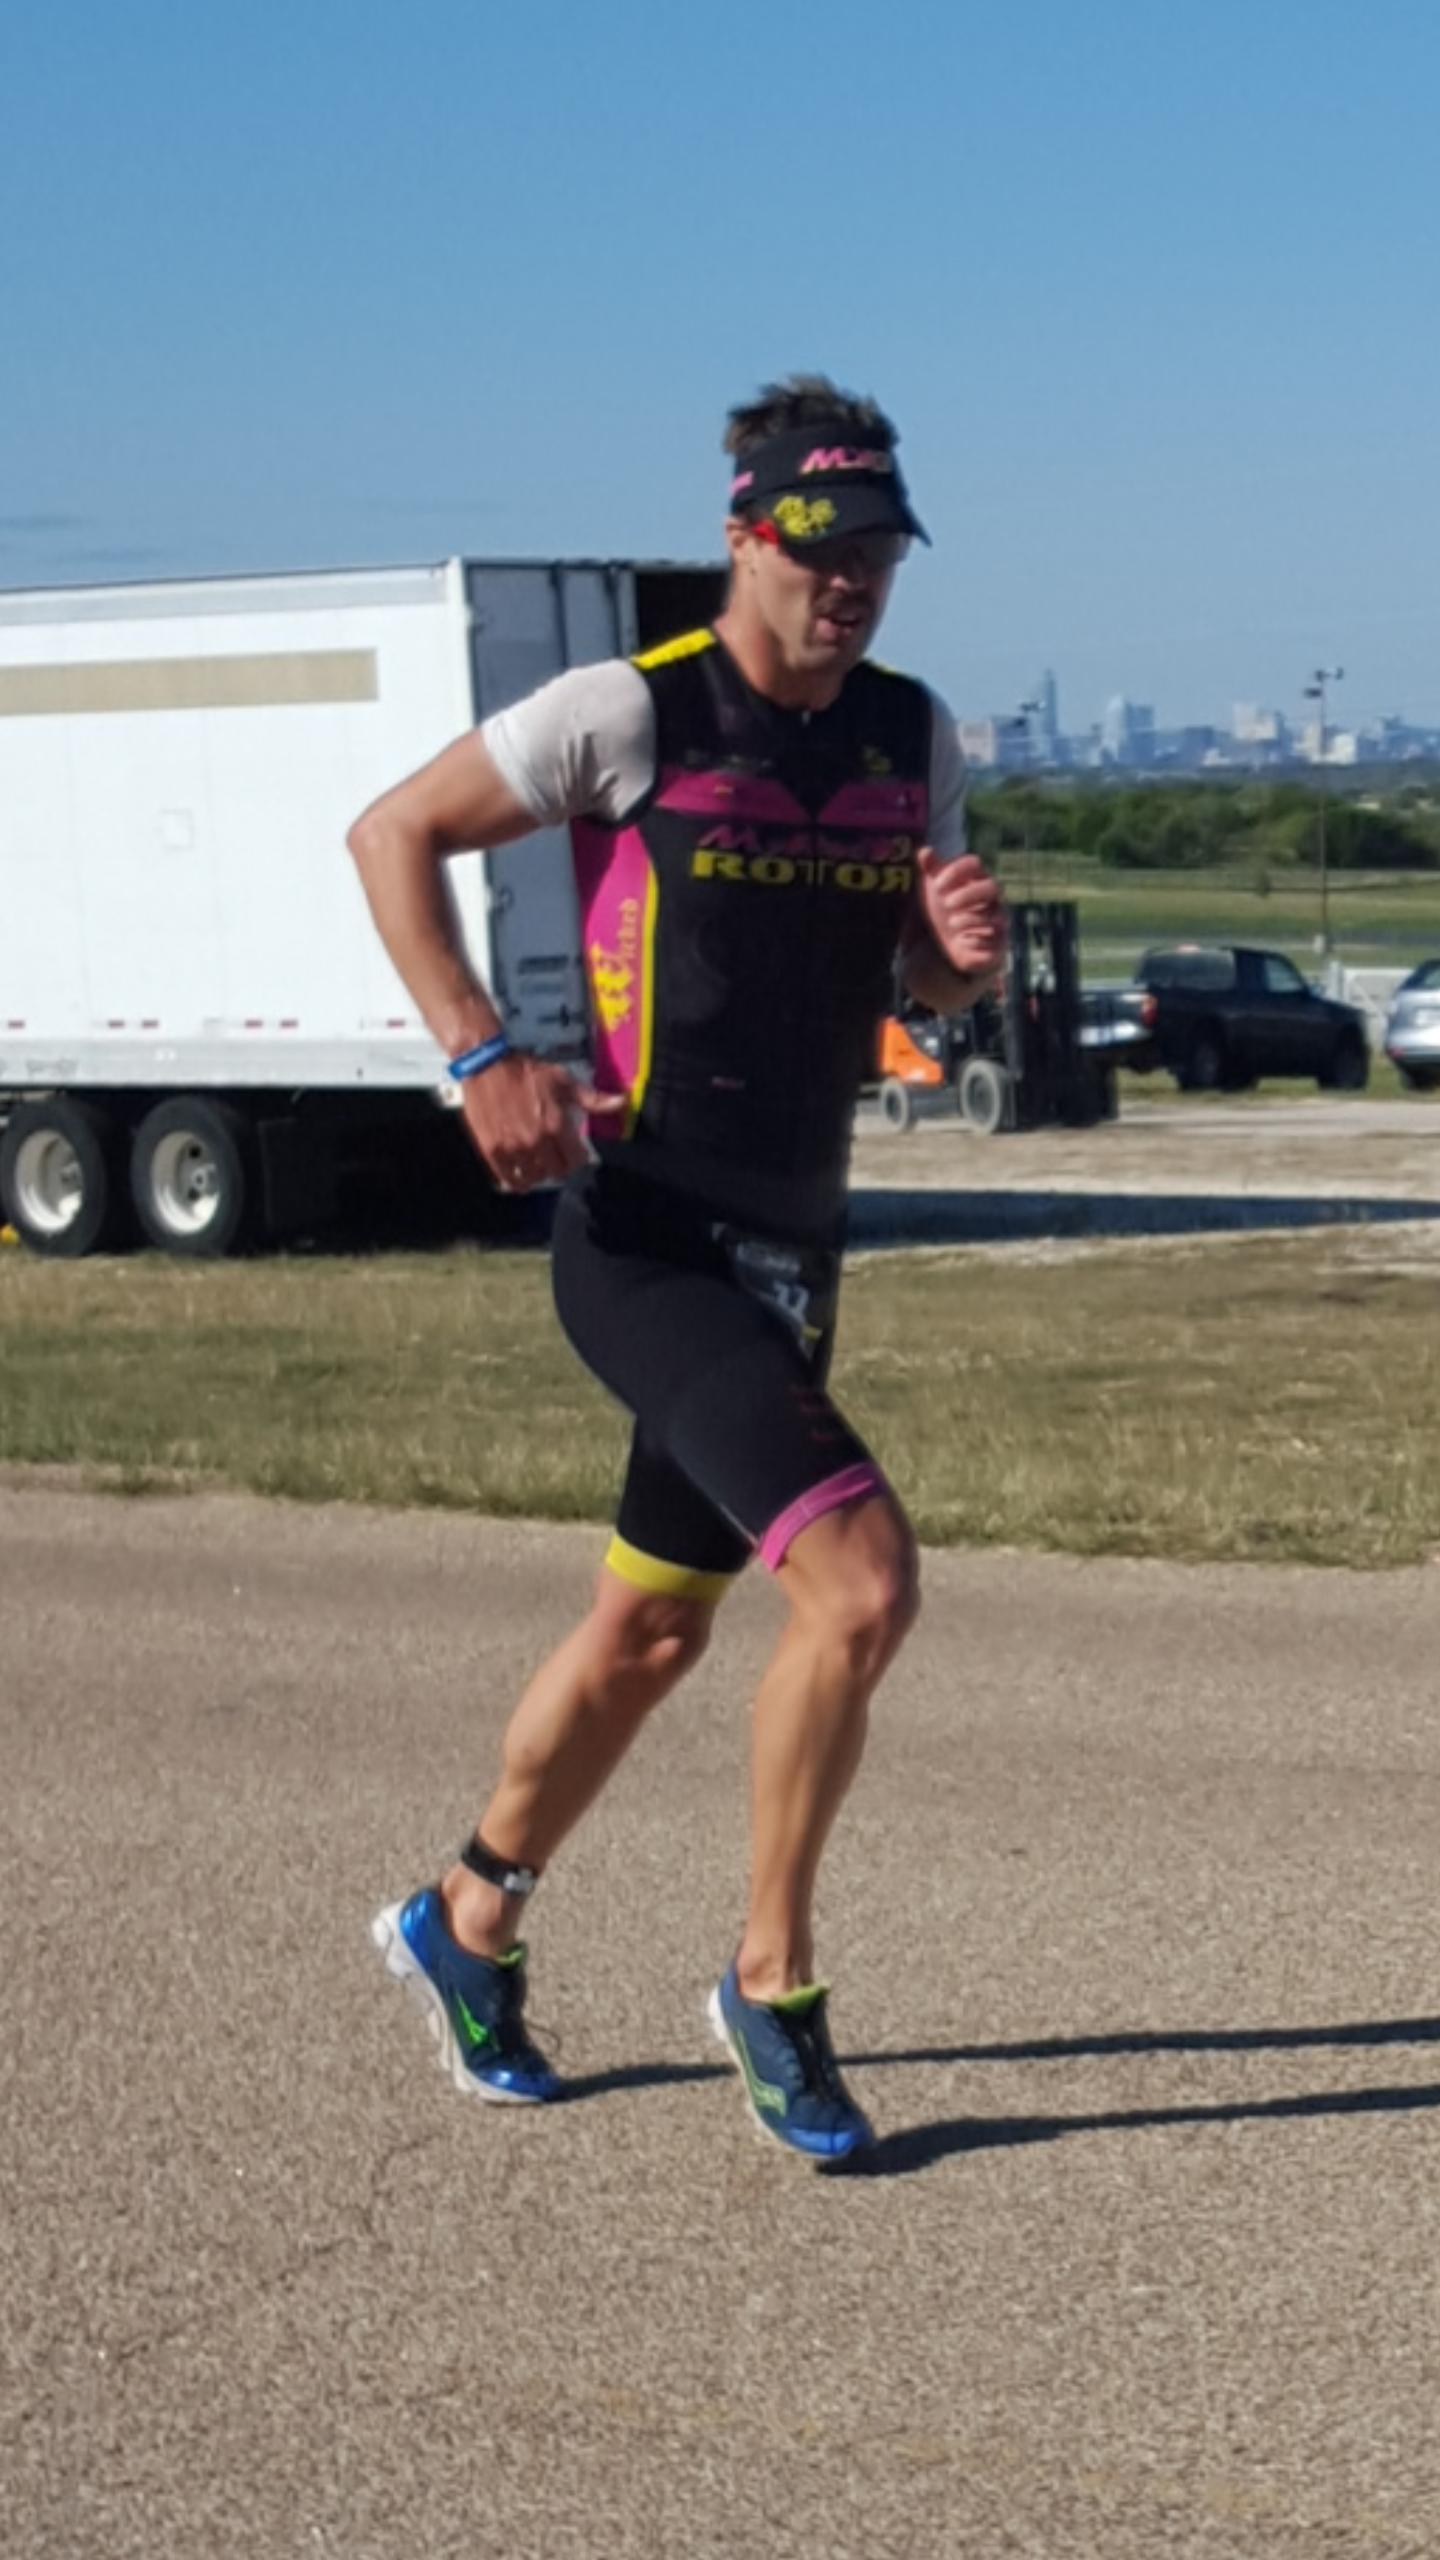 L'Ironman 70.3 Austin par Rod De Kanel